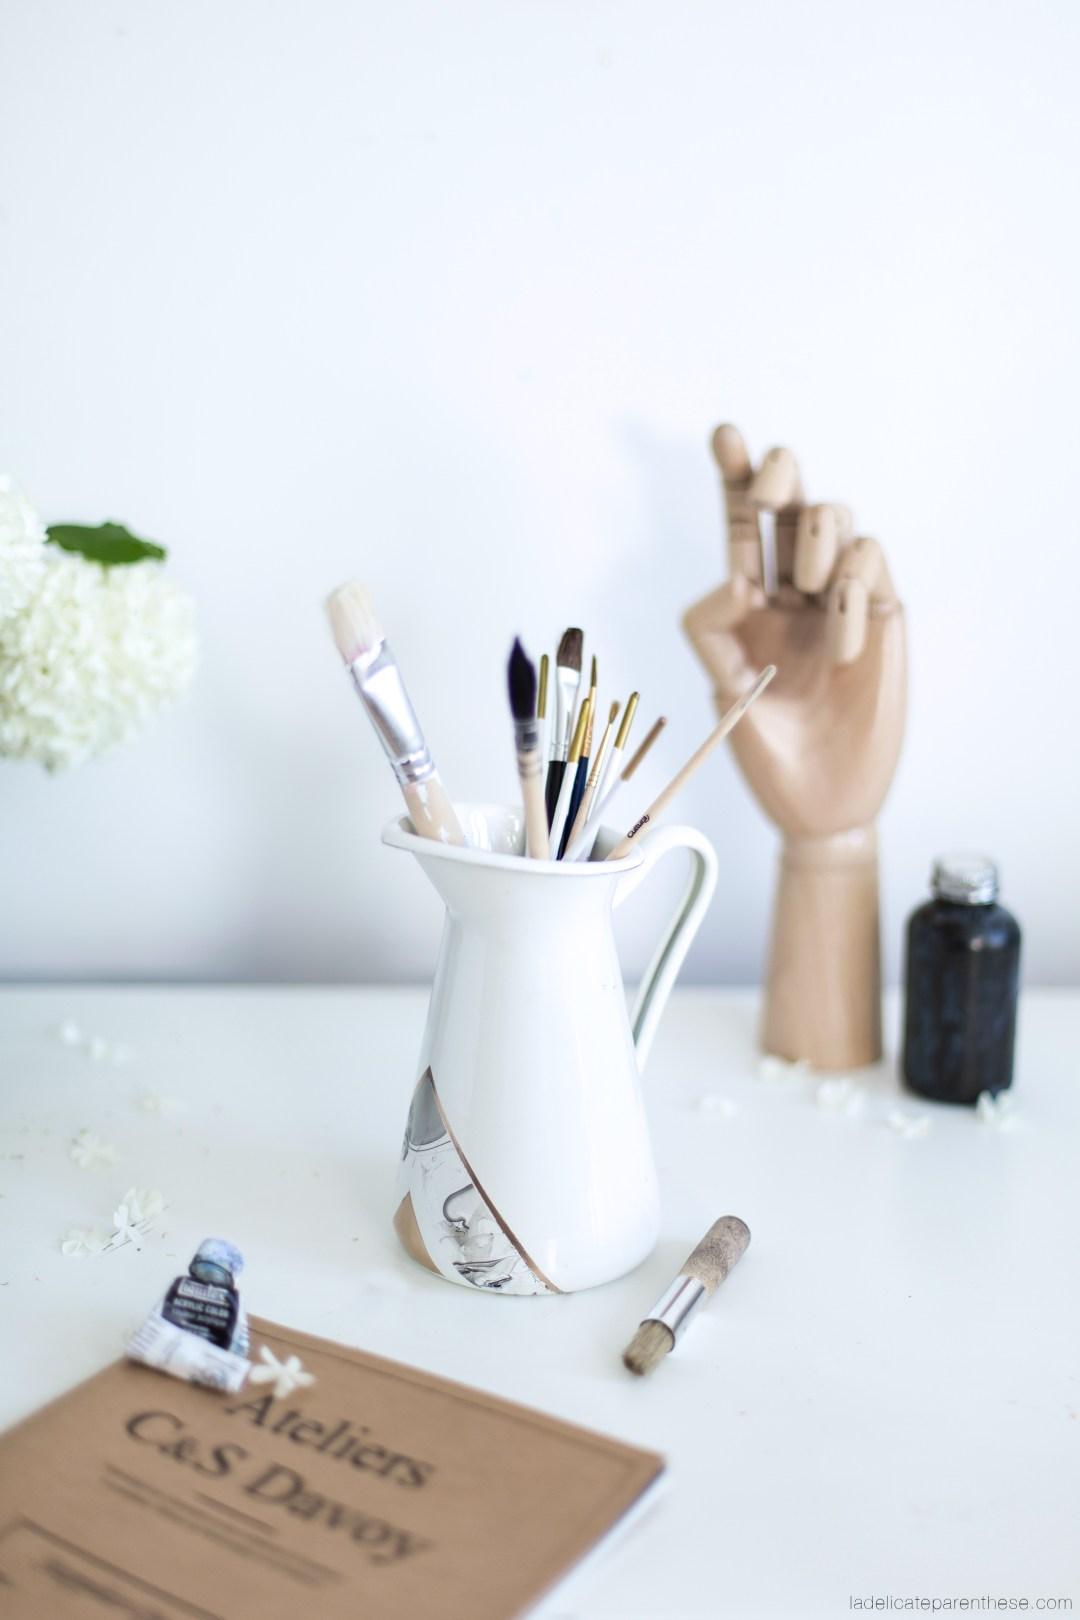 diy personnalisez des vases ikea de marbre la d licate parenth se diy d co et. Black Bedroom Furniture Sets. Home Design Ideas